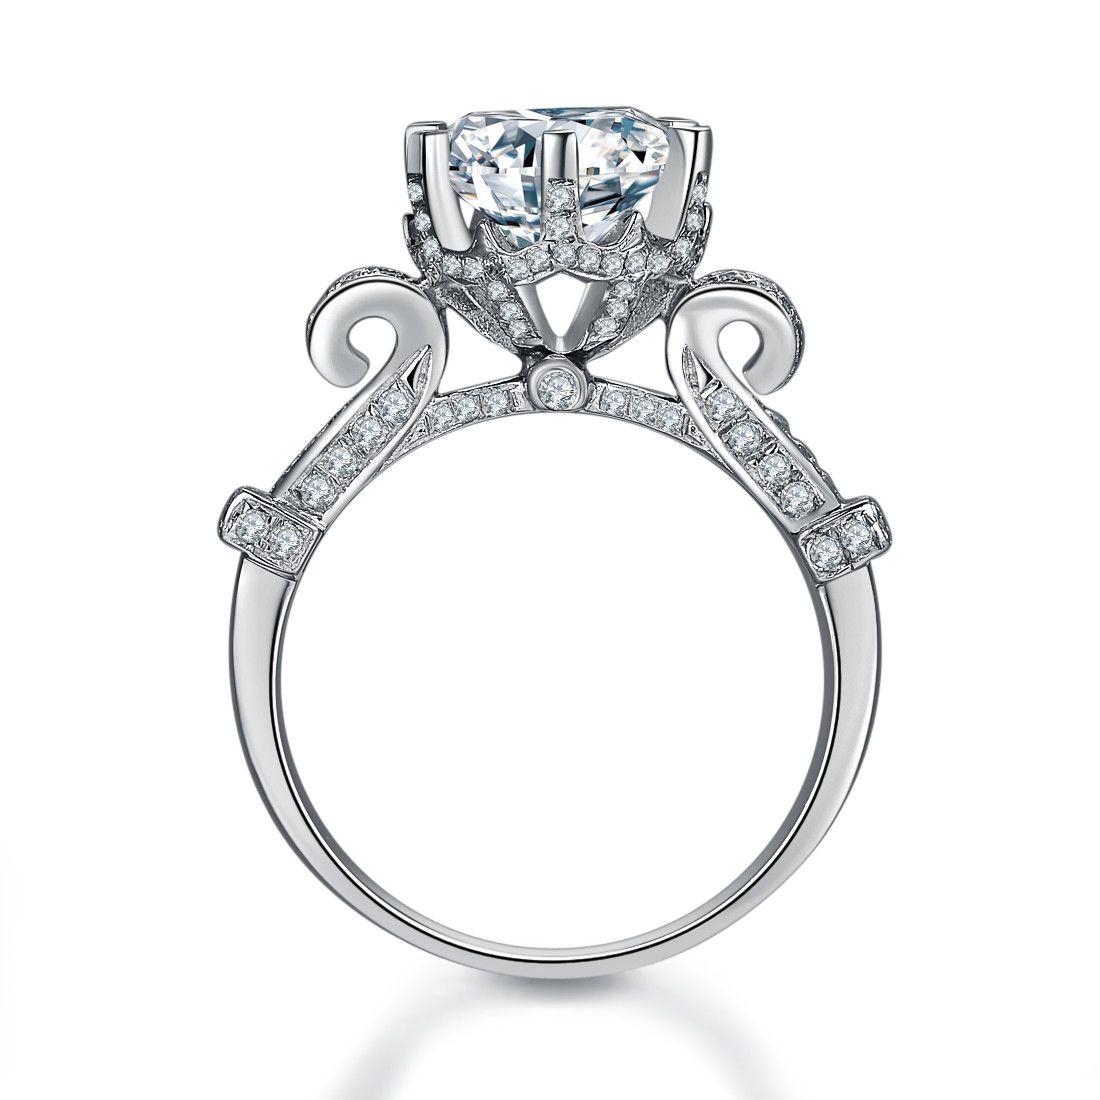 Super Big Stone Anneau 5CT Synthétique Diamant Bague de Fiançailles Solide Argent Sterling 925 Couverture En Or Blanc Dur Dernière Toujours